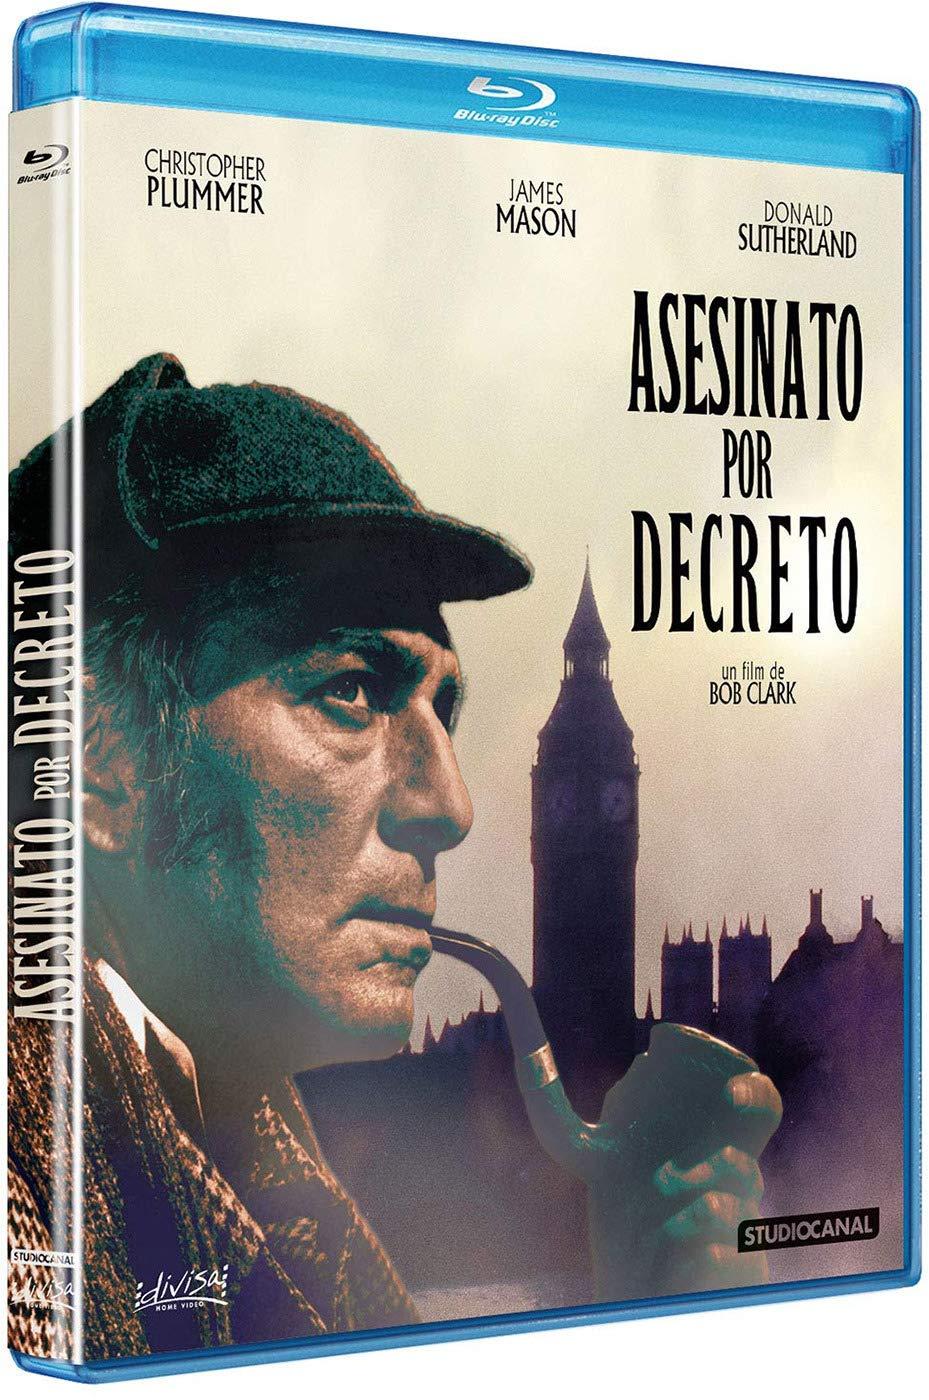 Asesinato por decreto [Blu-ray]